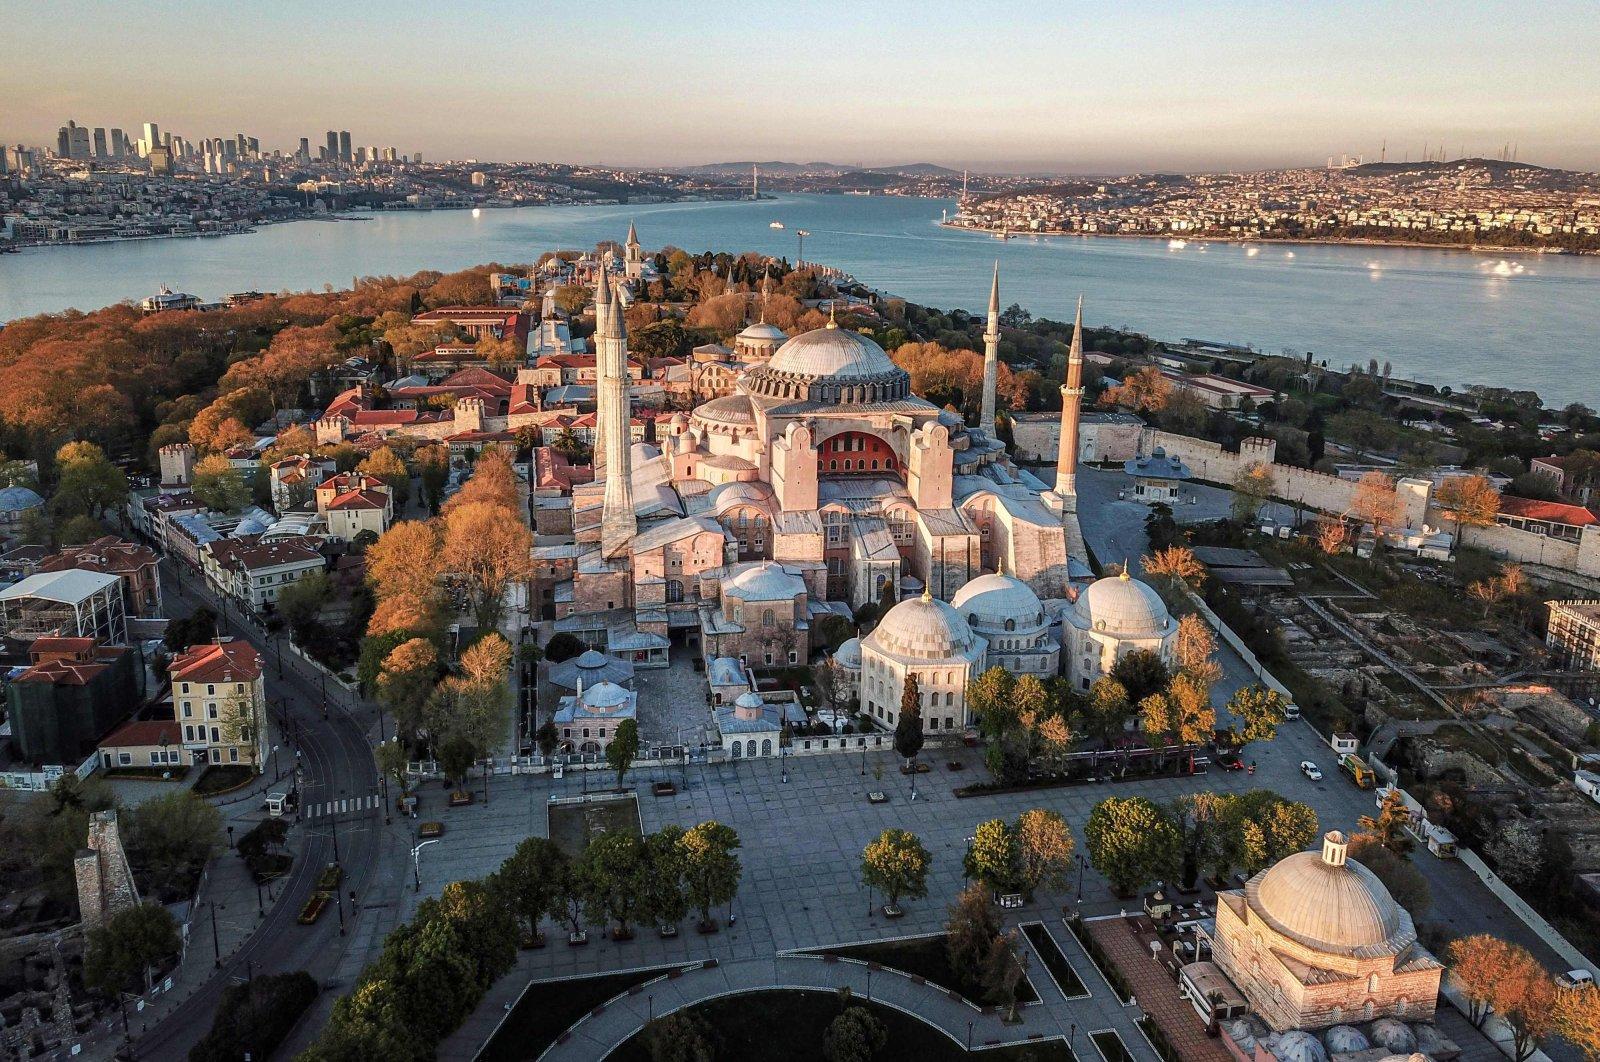 allbet登录网址:土耳其最高行政法院作出裁决!圣索菲亚博物馆或将改建为清真寺 第2张